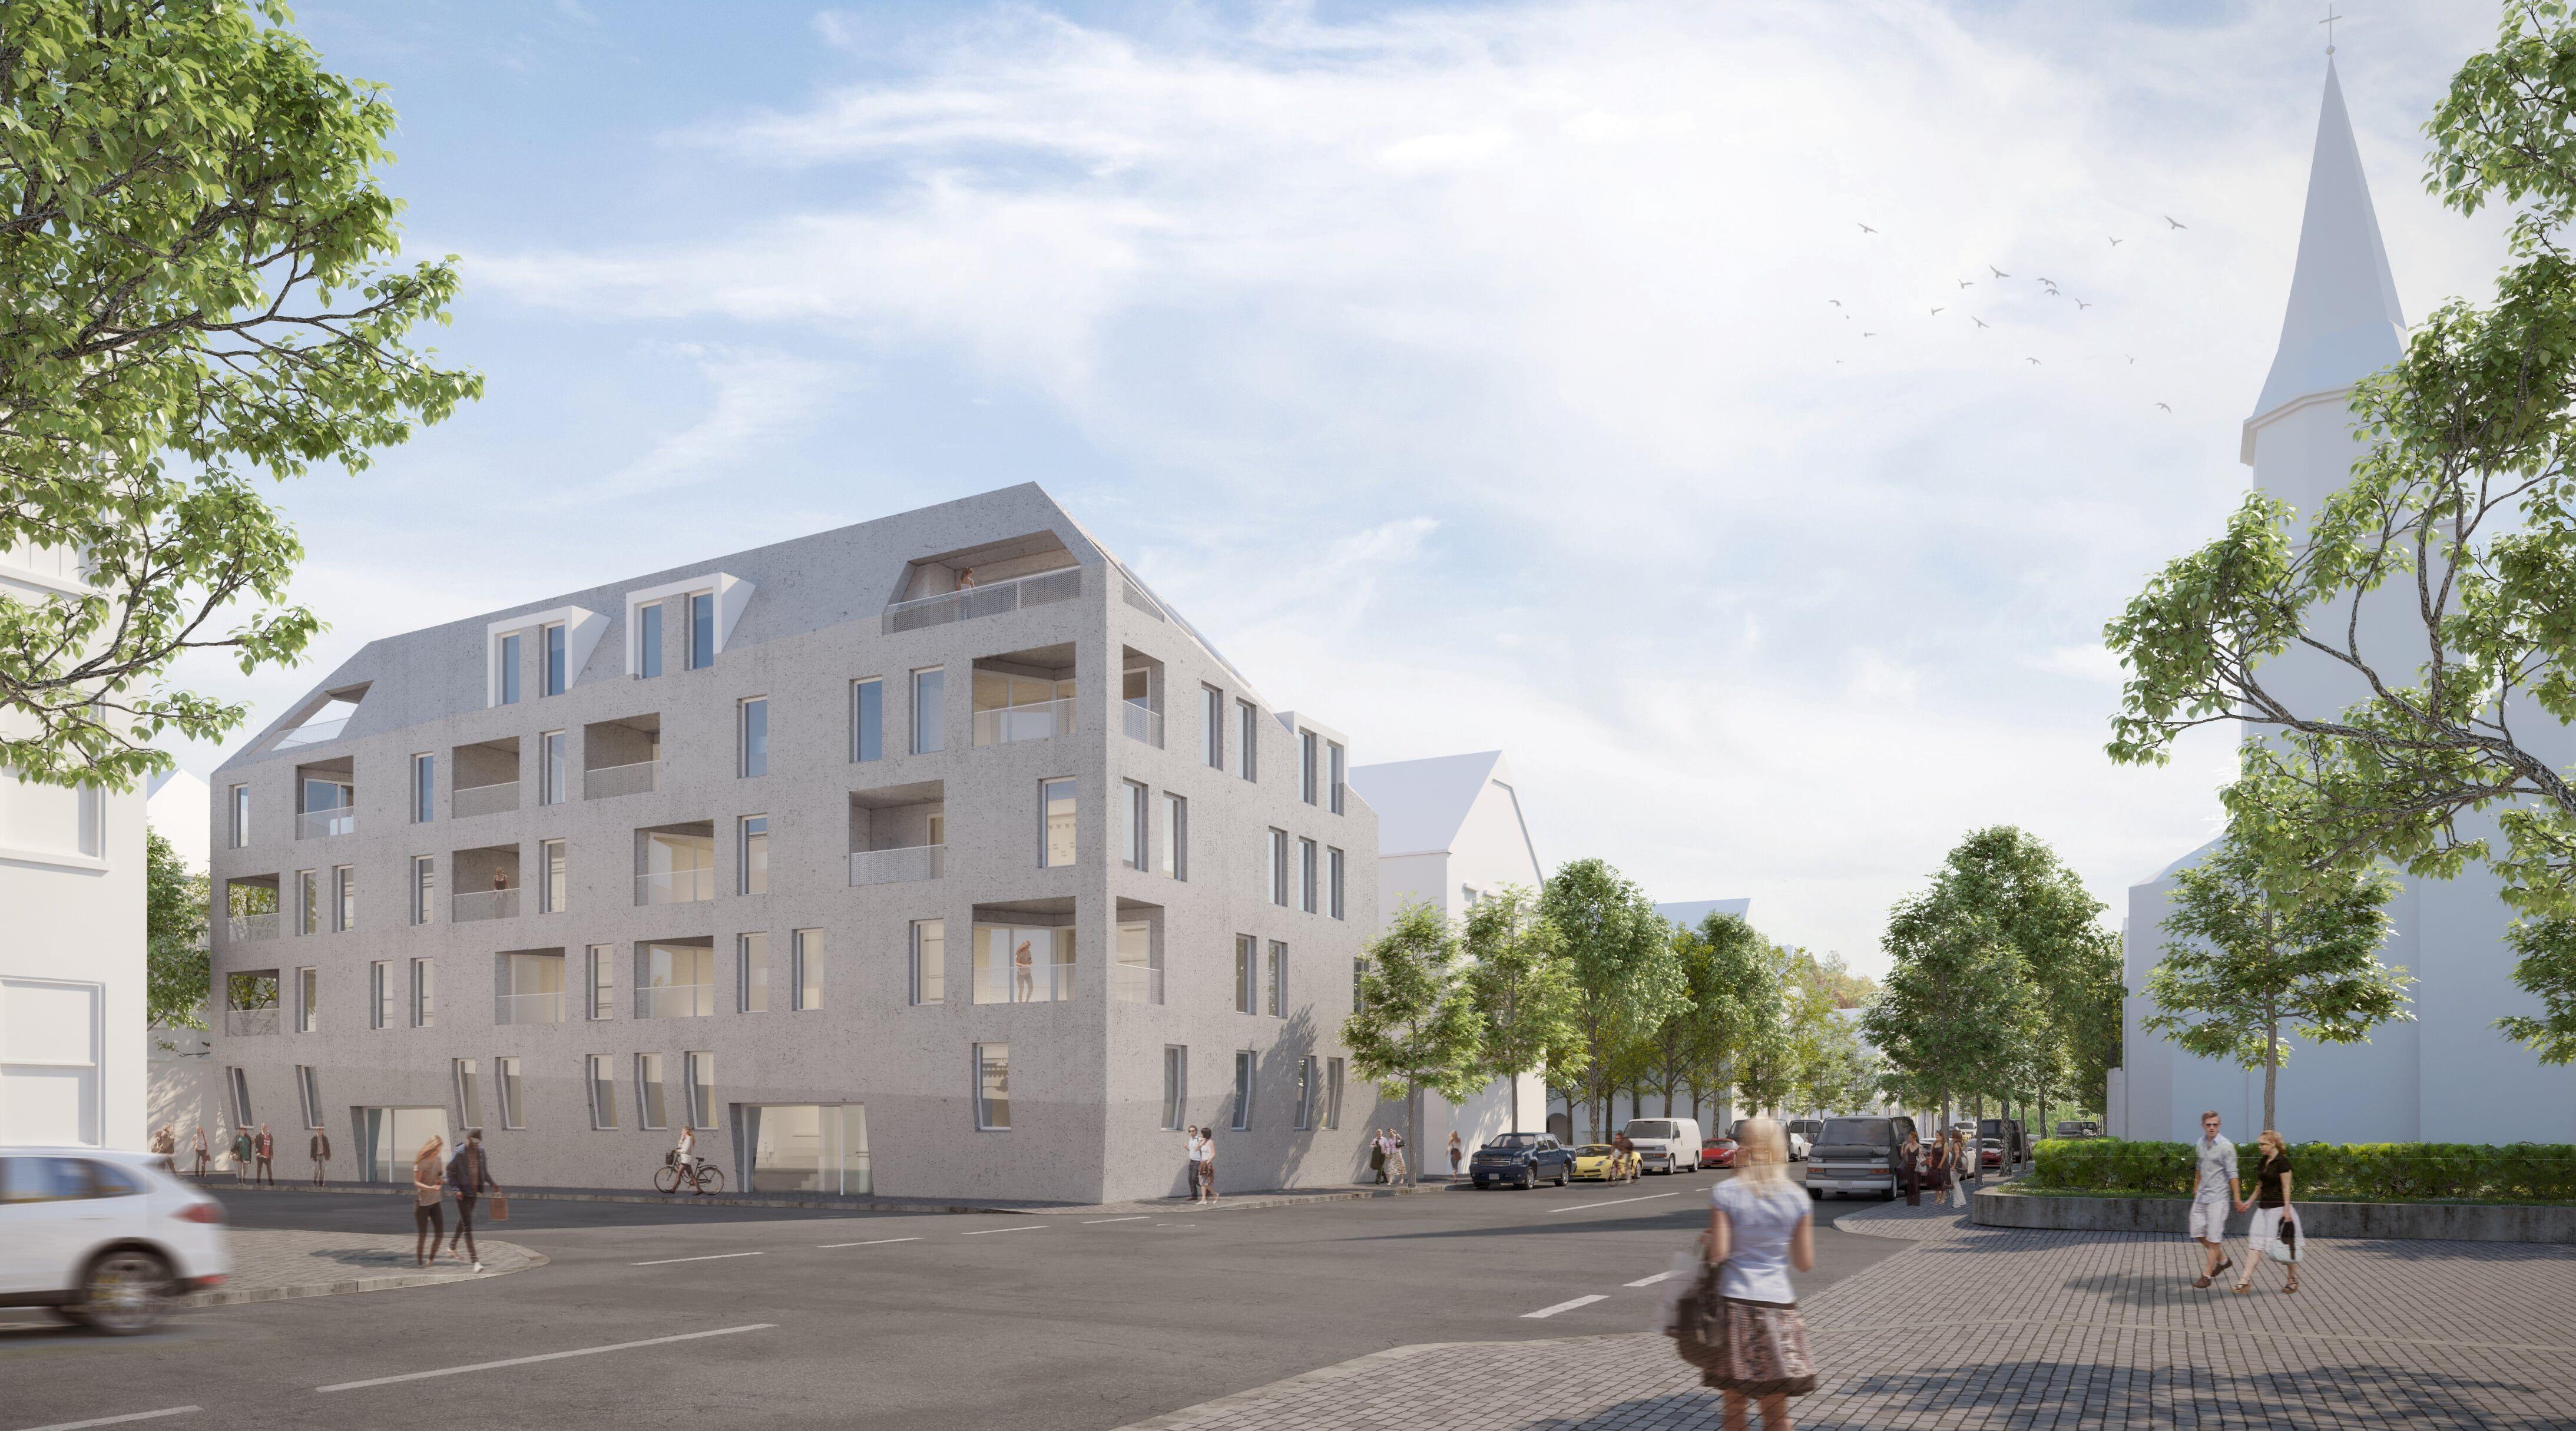 Visualisierung Von Einem Unserer Wohnbauprojekten Architecture Planformat Design Building Rendering Wood Residentialbui Street View Visualisation Views